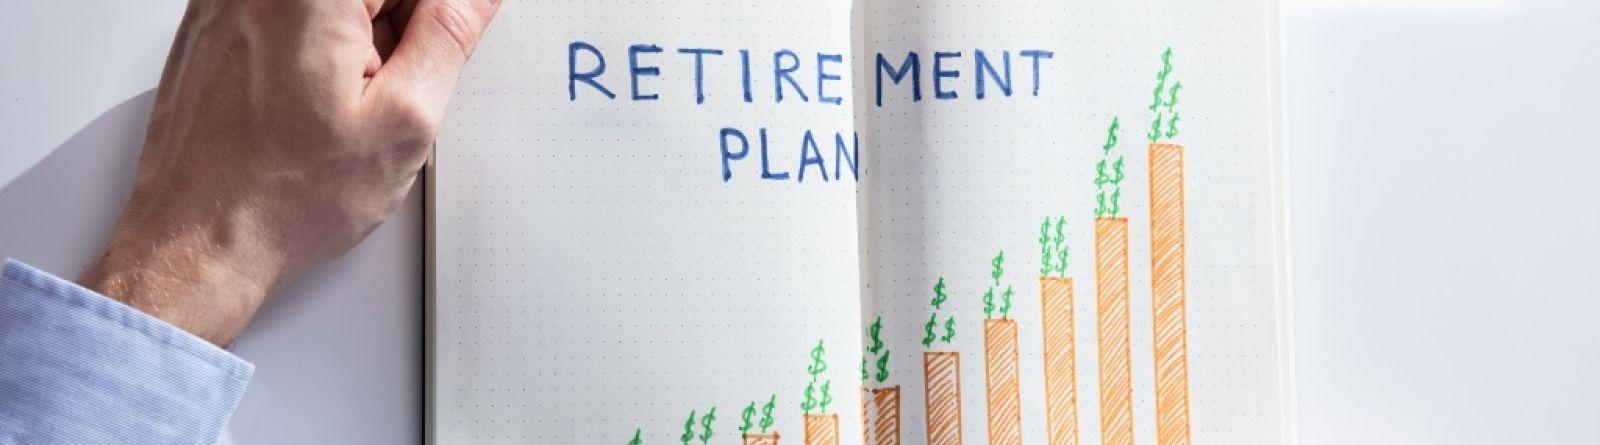 Il fondo pensione di Creaval alla ricerca di un gestore attento alla sostenibilità